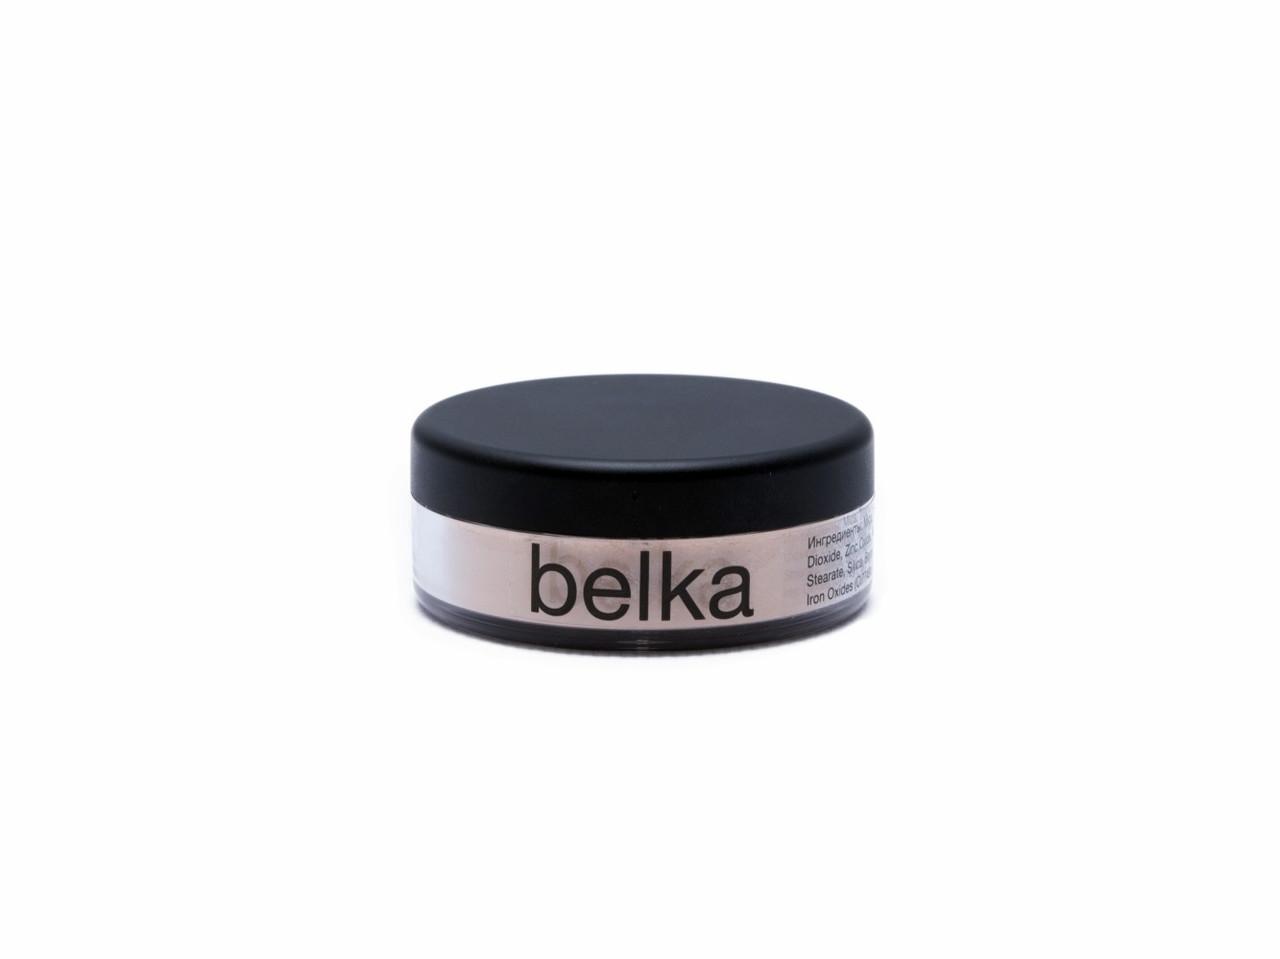 Минеральный бронзер Belka